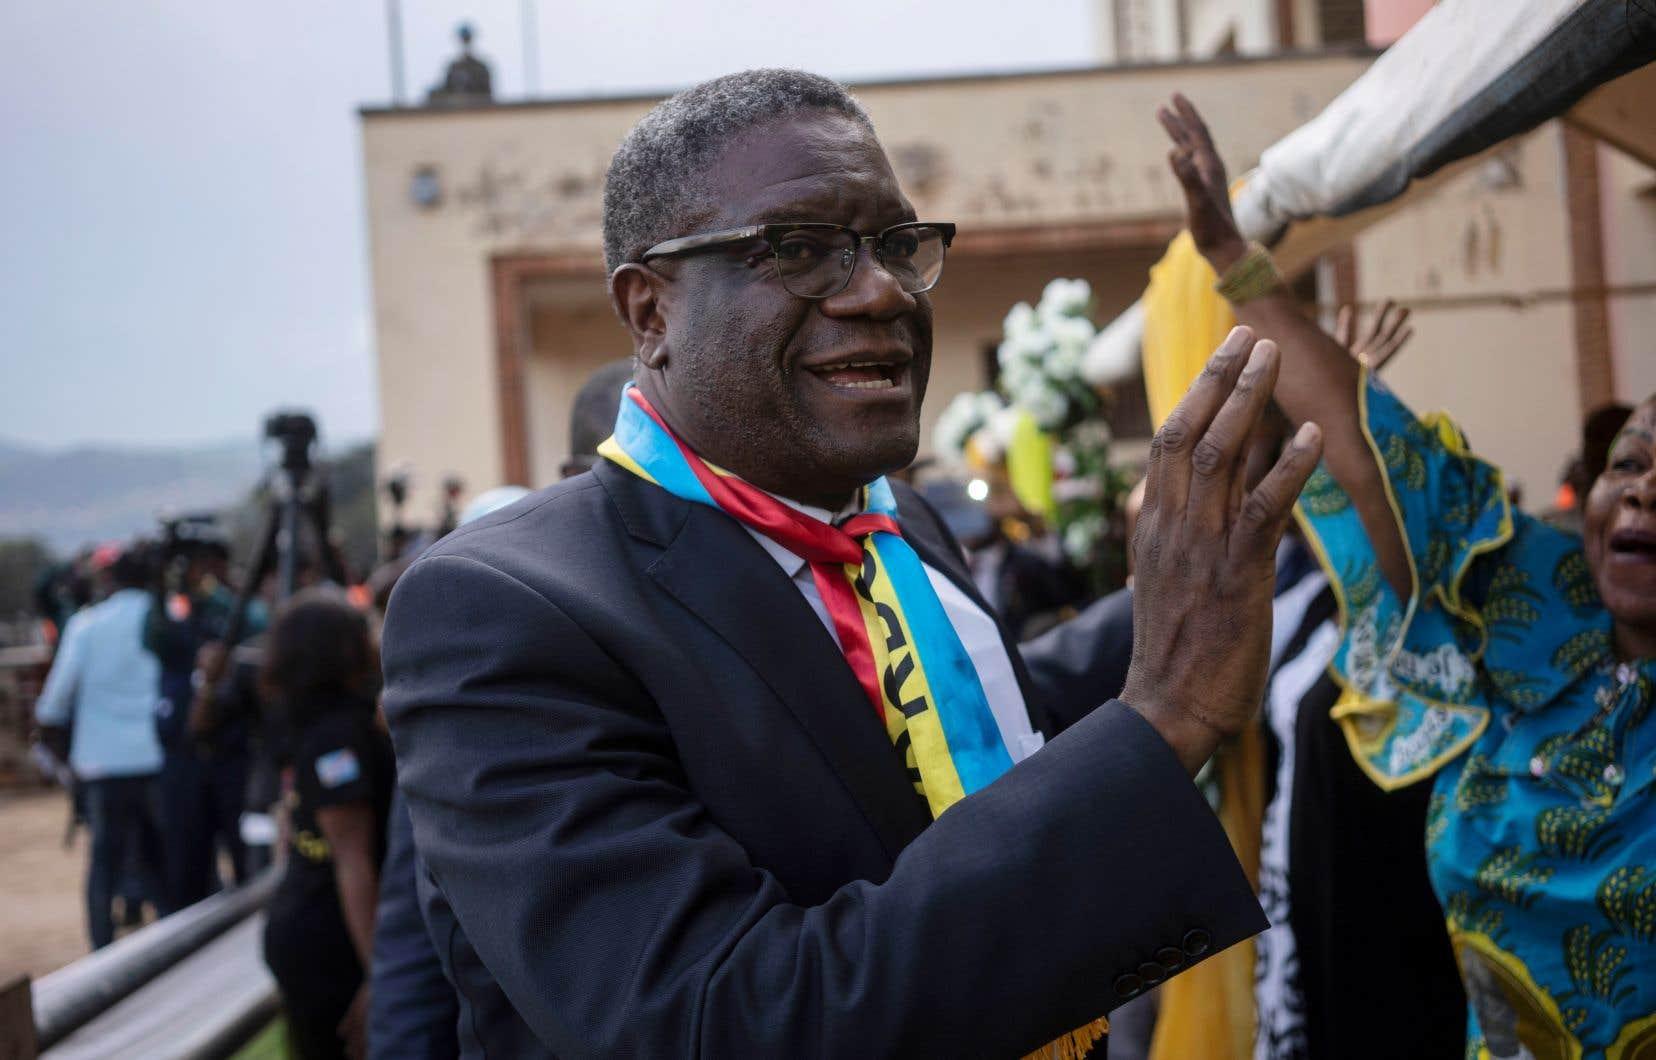 Le chirurgien congolais Denis Mukwege a reçu un prix Nobel de la paix en octobre dernier.